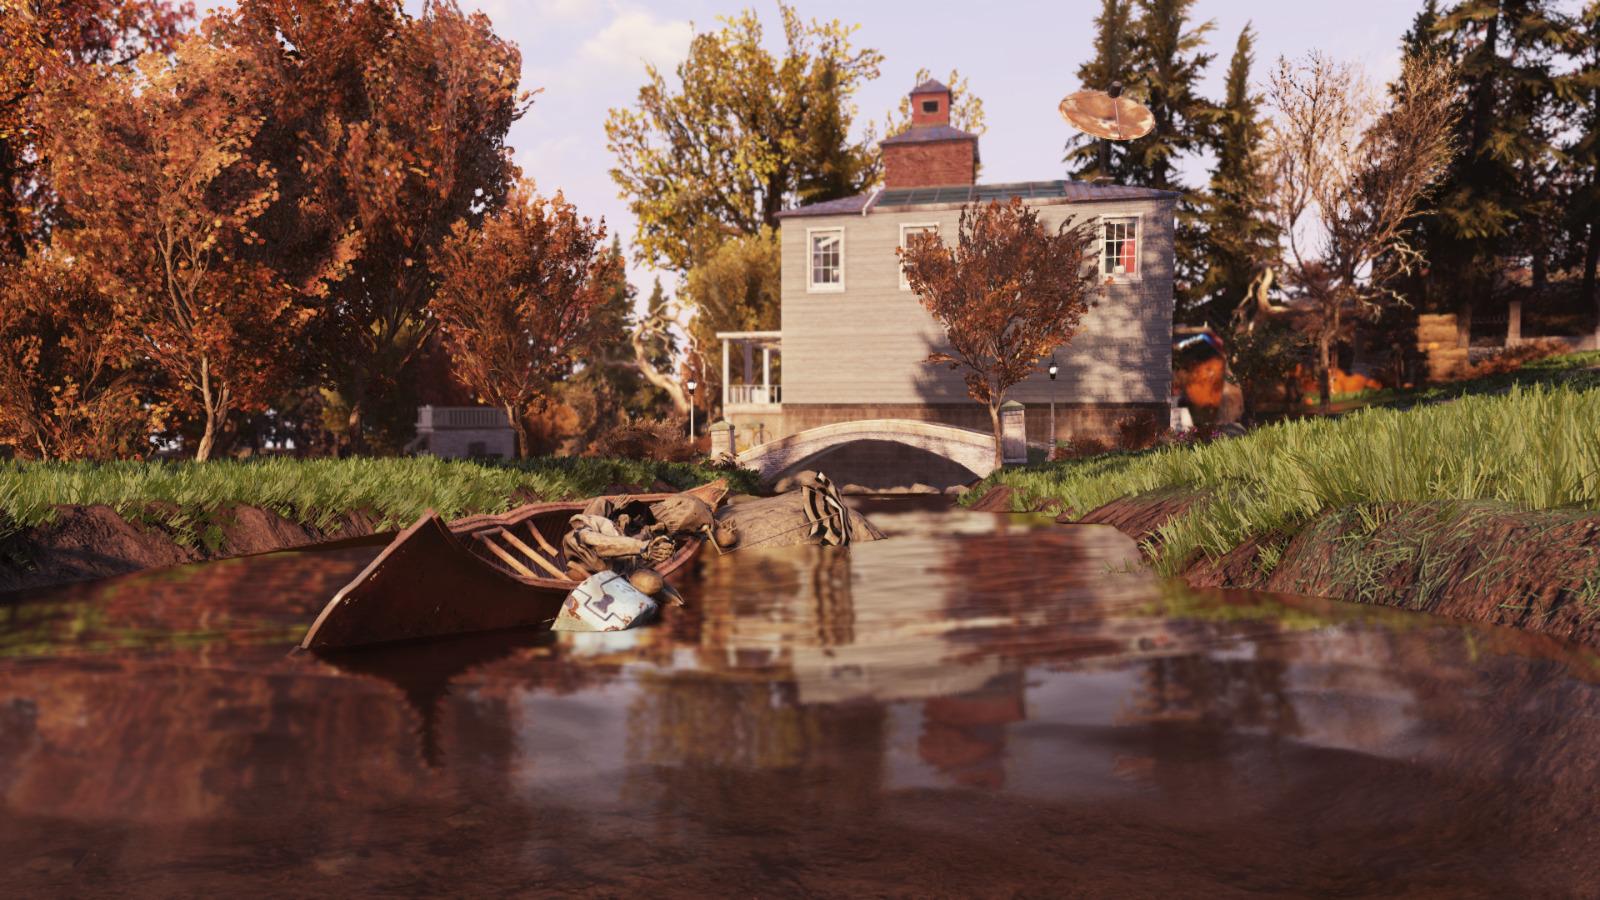 Ein schönes C.A.M.P. in Fallout 76